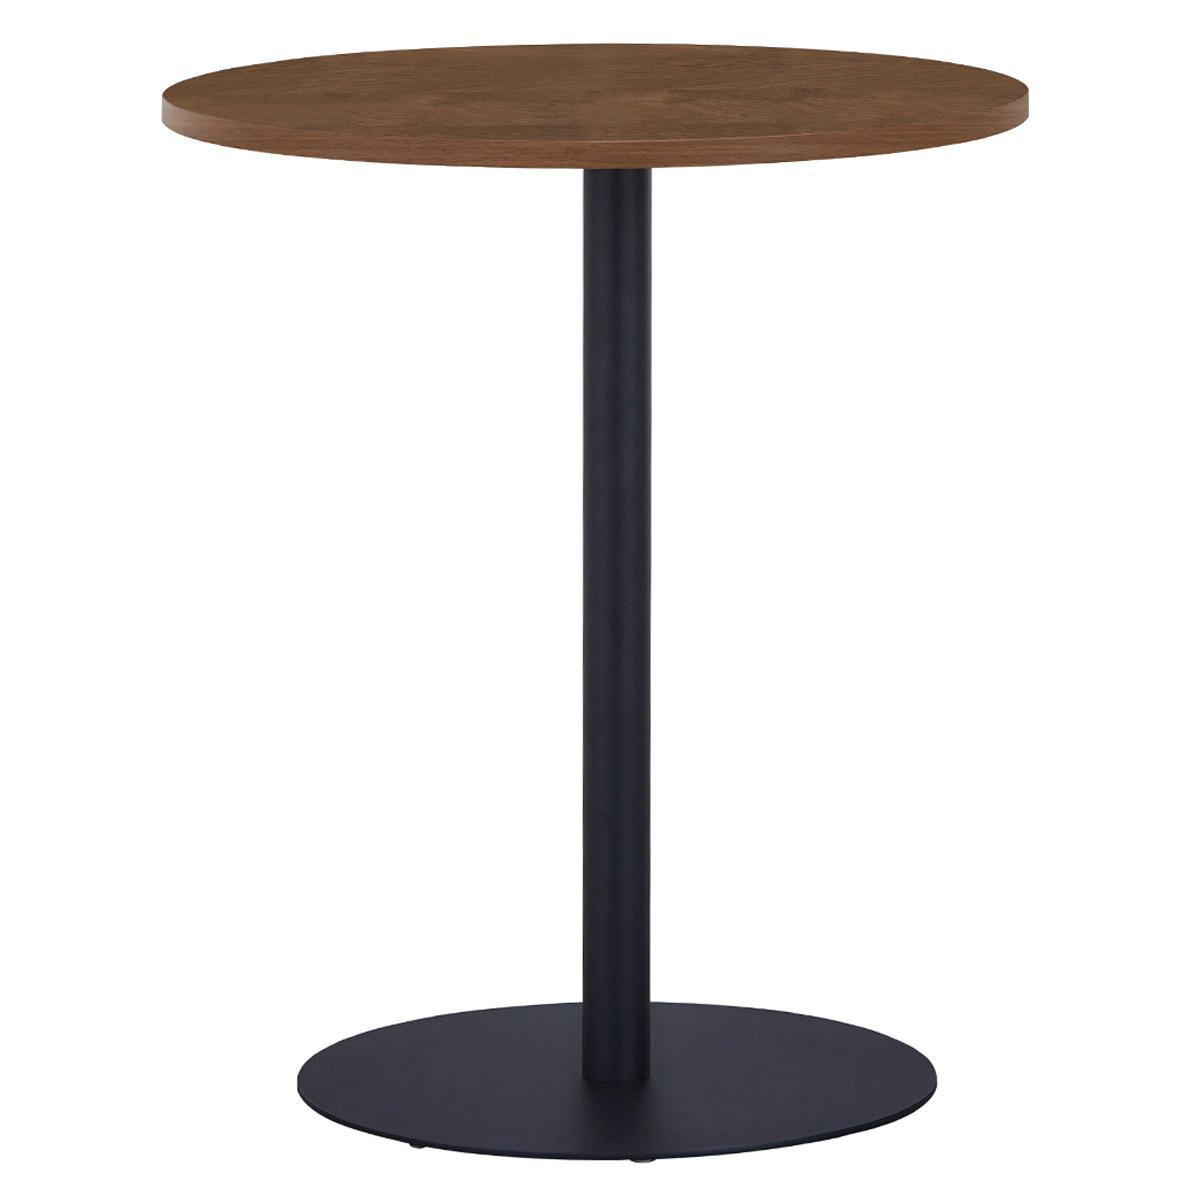 オフィス用リフレッシュテーブルIII ブラック脚タイプ W600 D600 H700  その他木目